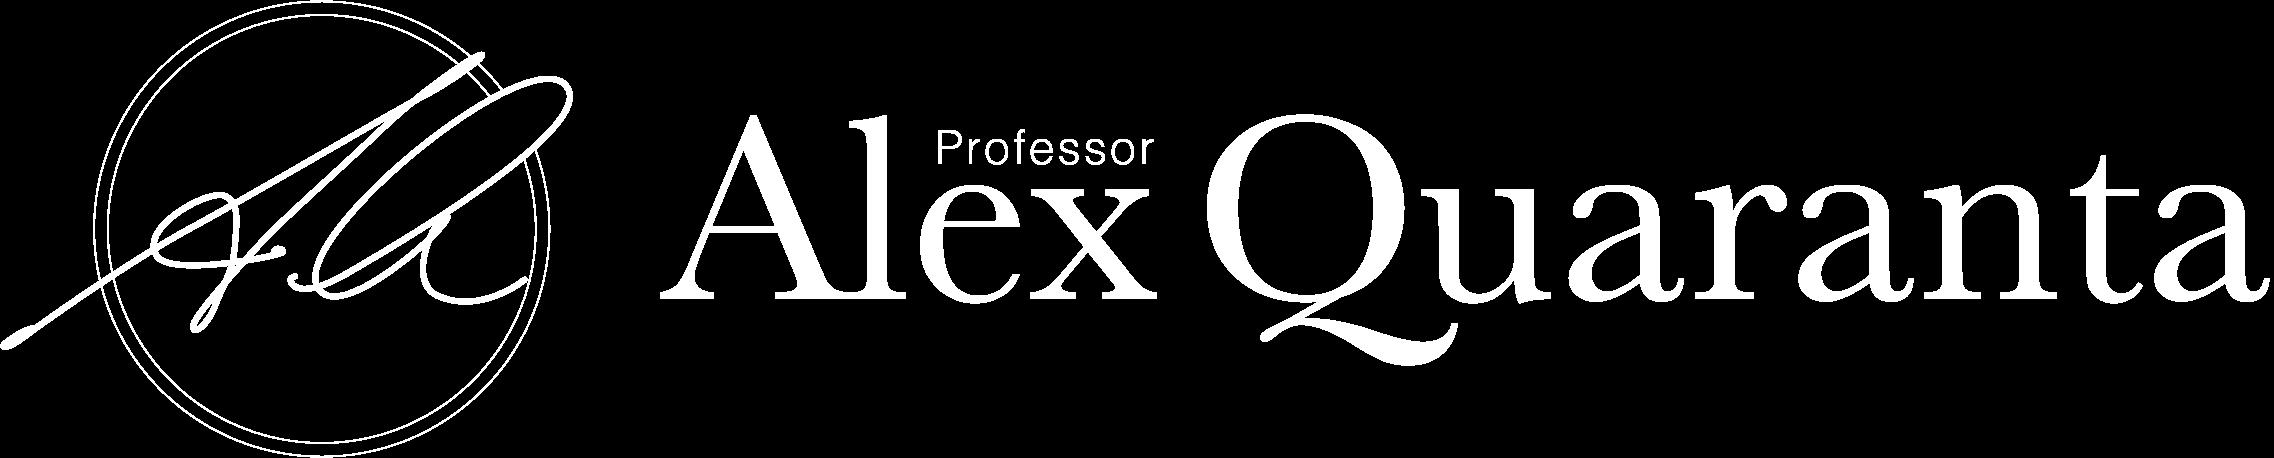 PAQ-Footer-logo.png